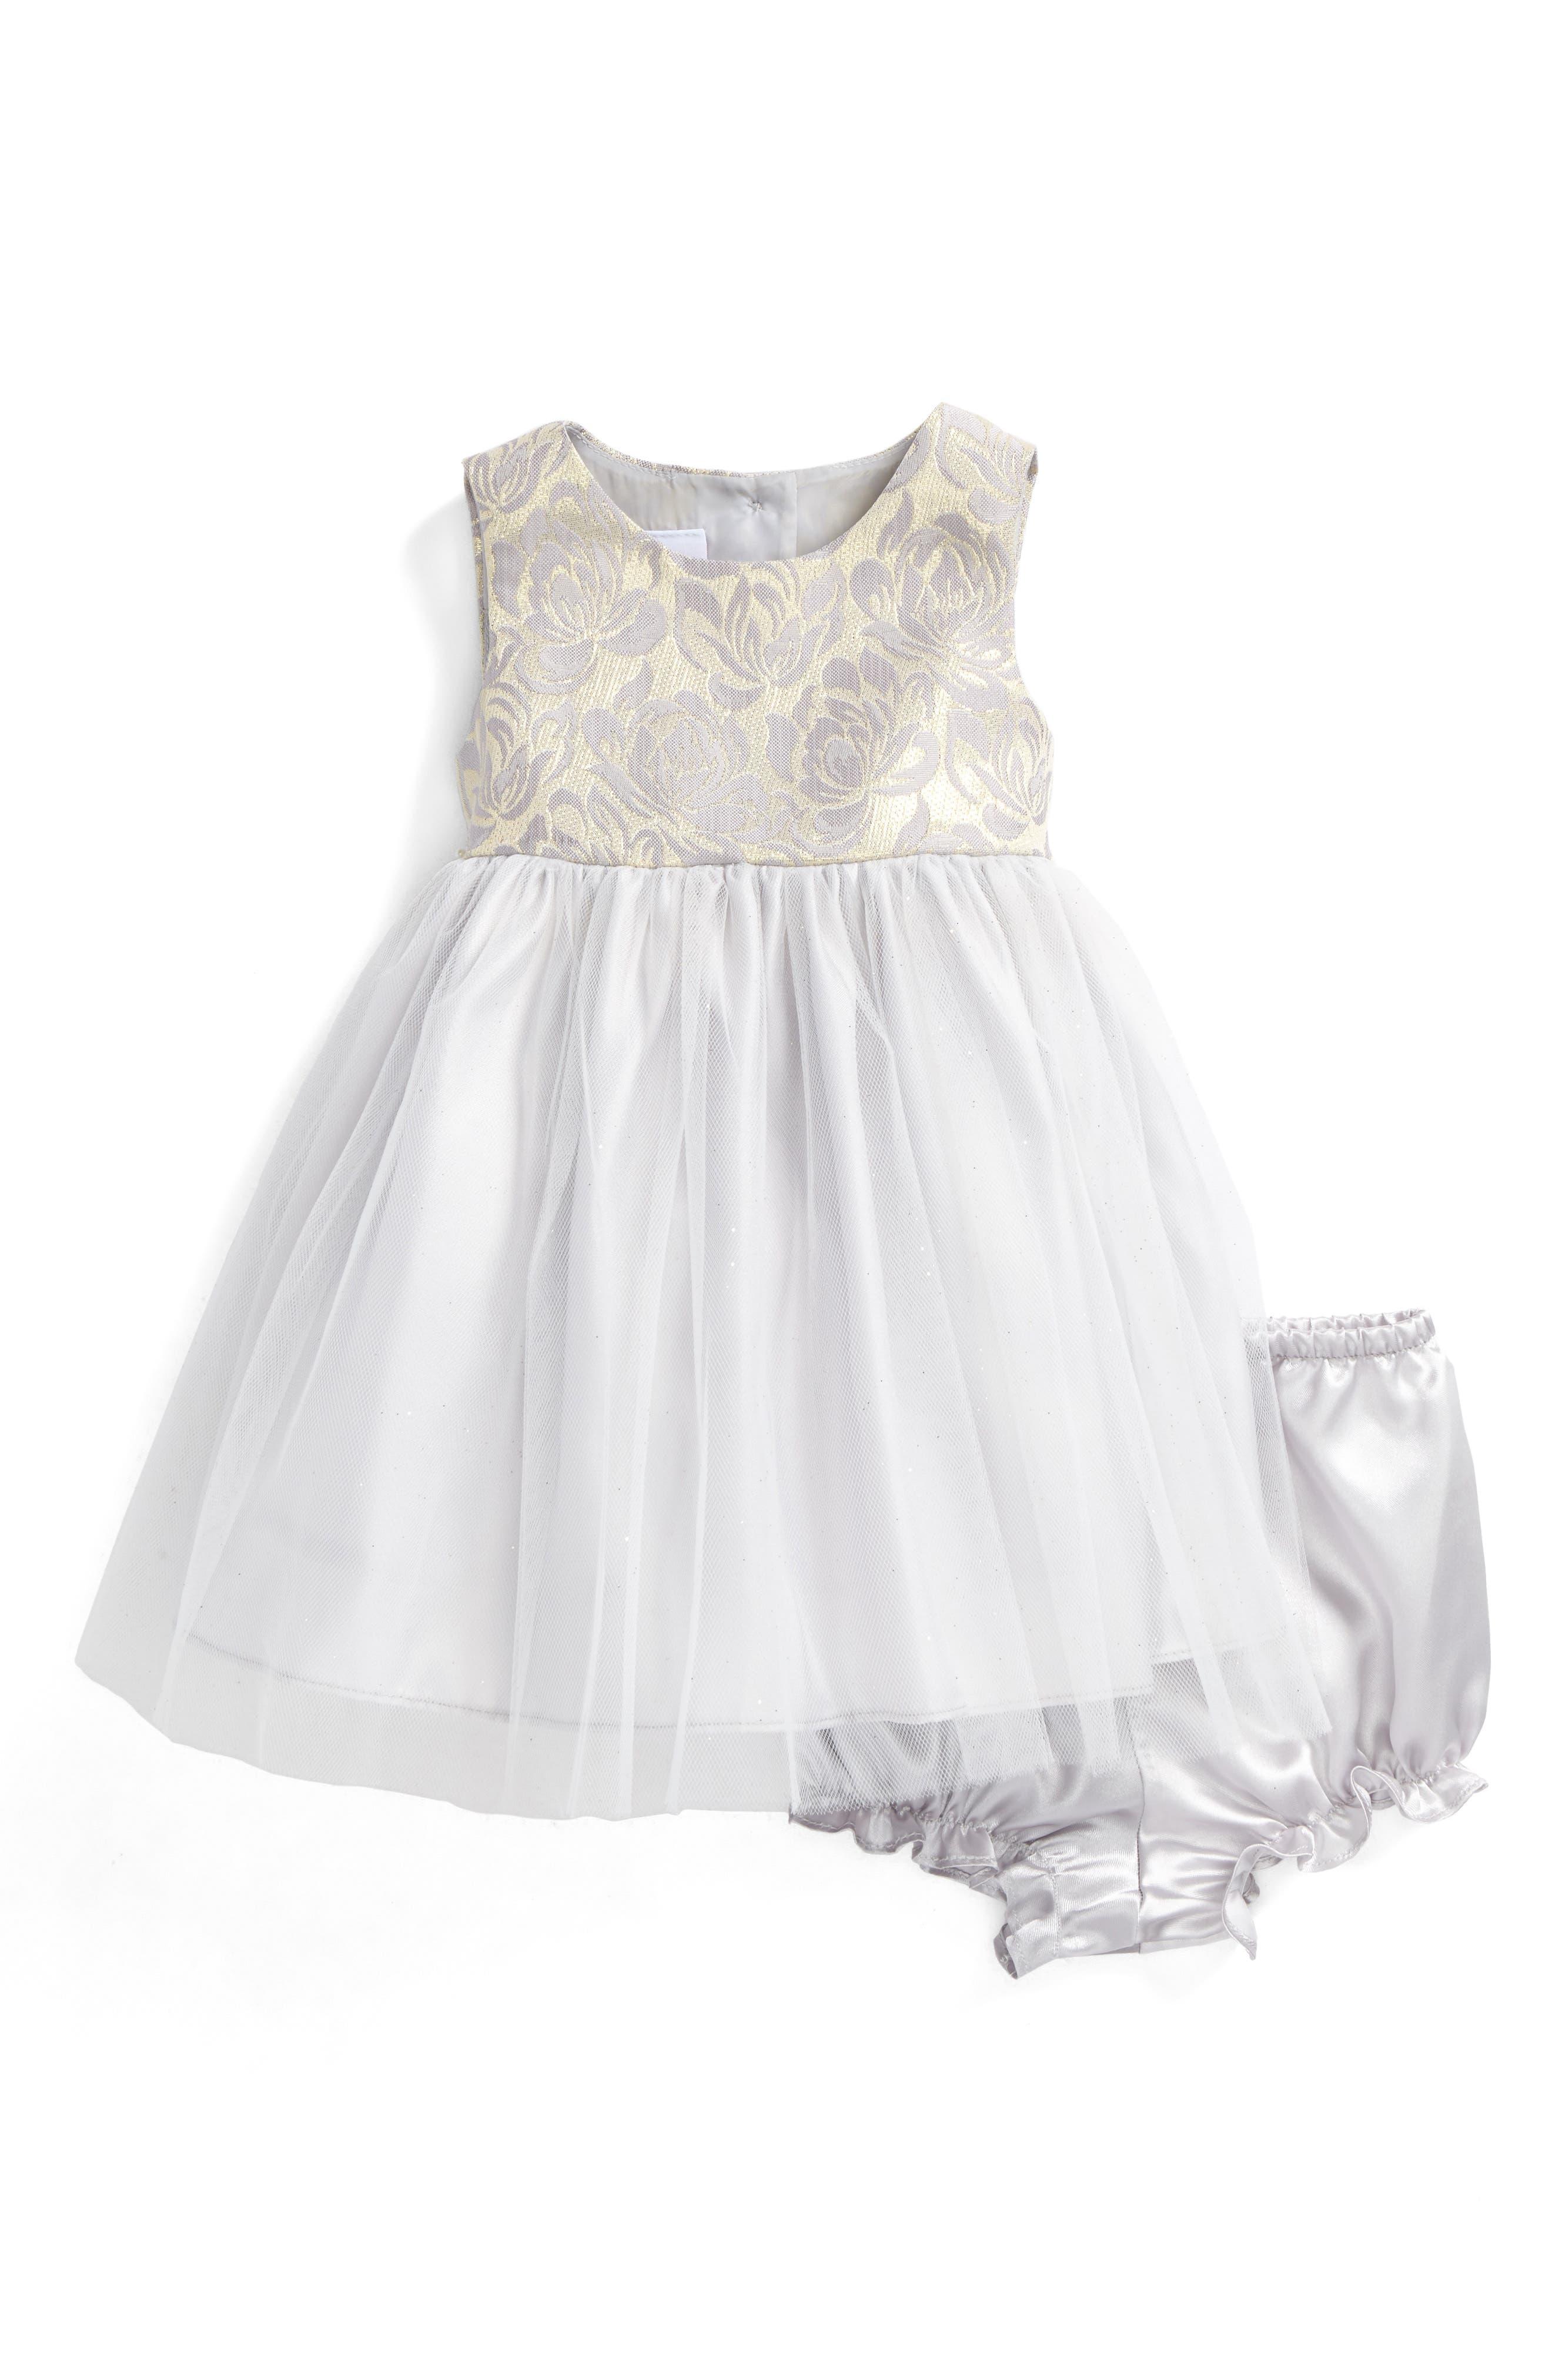 Main Image - Frais Sleeveless Tulle Dress (Baby Girls)